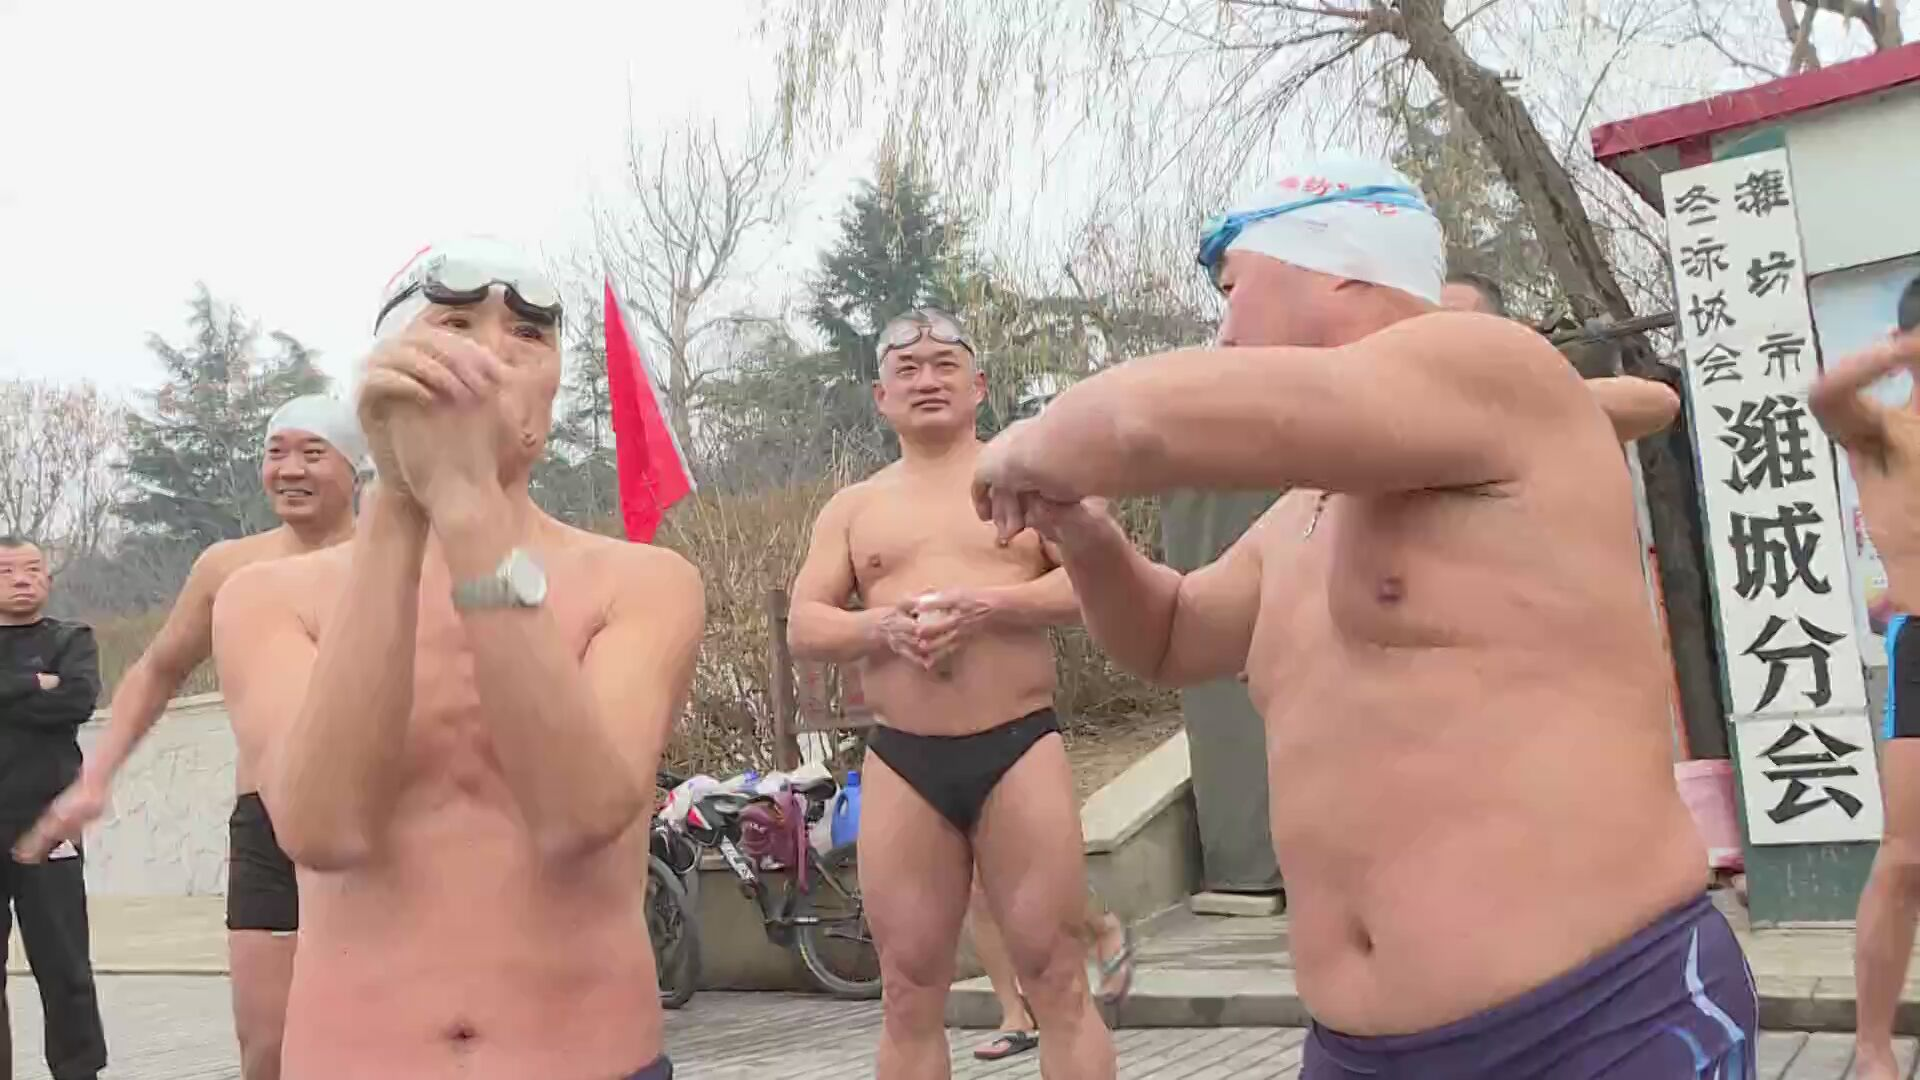 最具活力的健身组织 潍坊冬泳协会